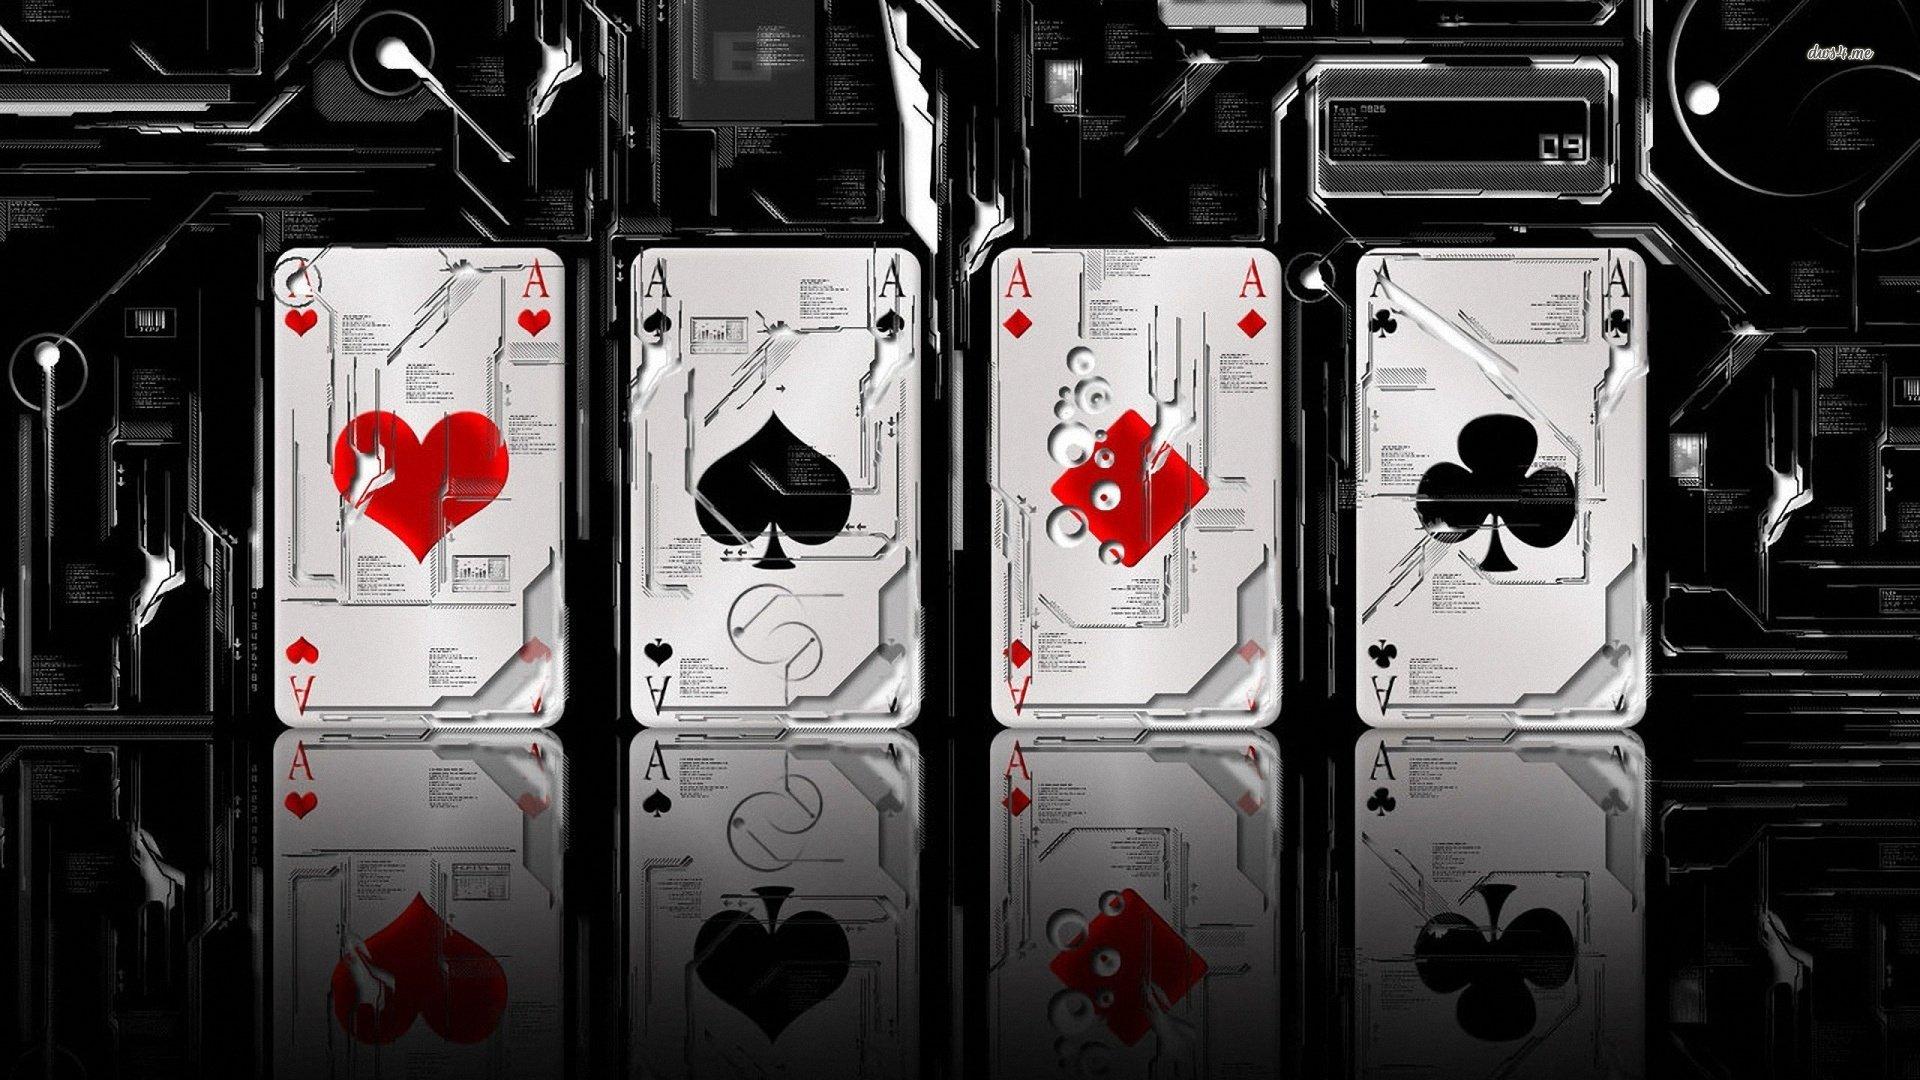 创意扑克牌设计素材ppt背景图片下载